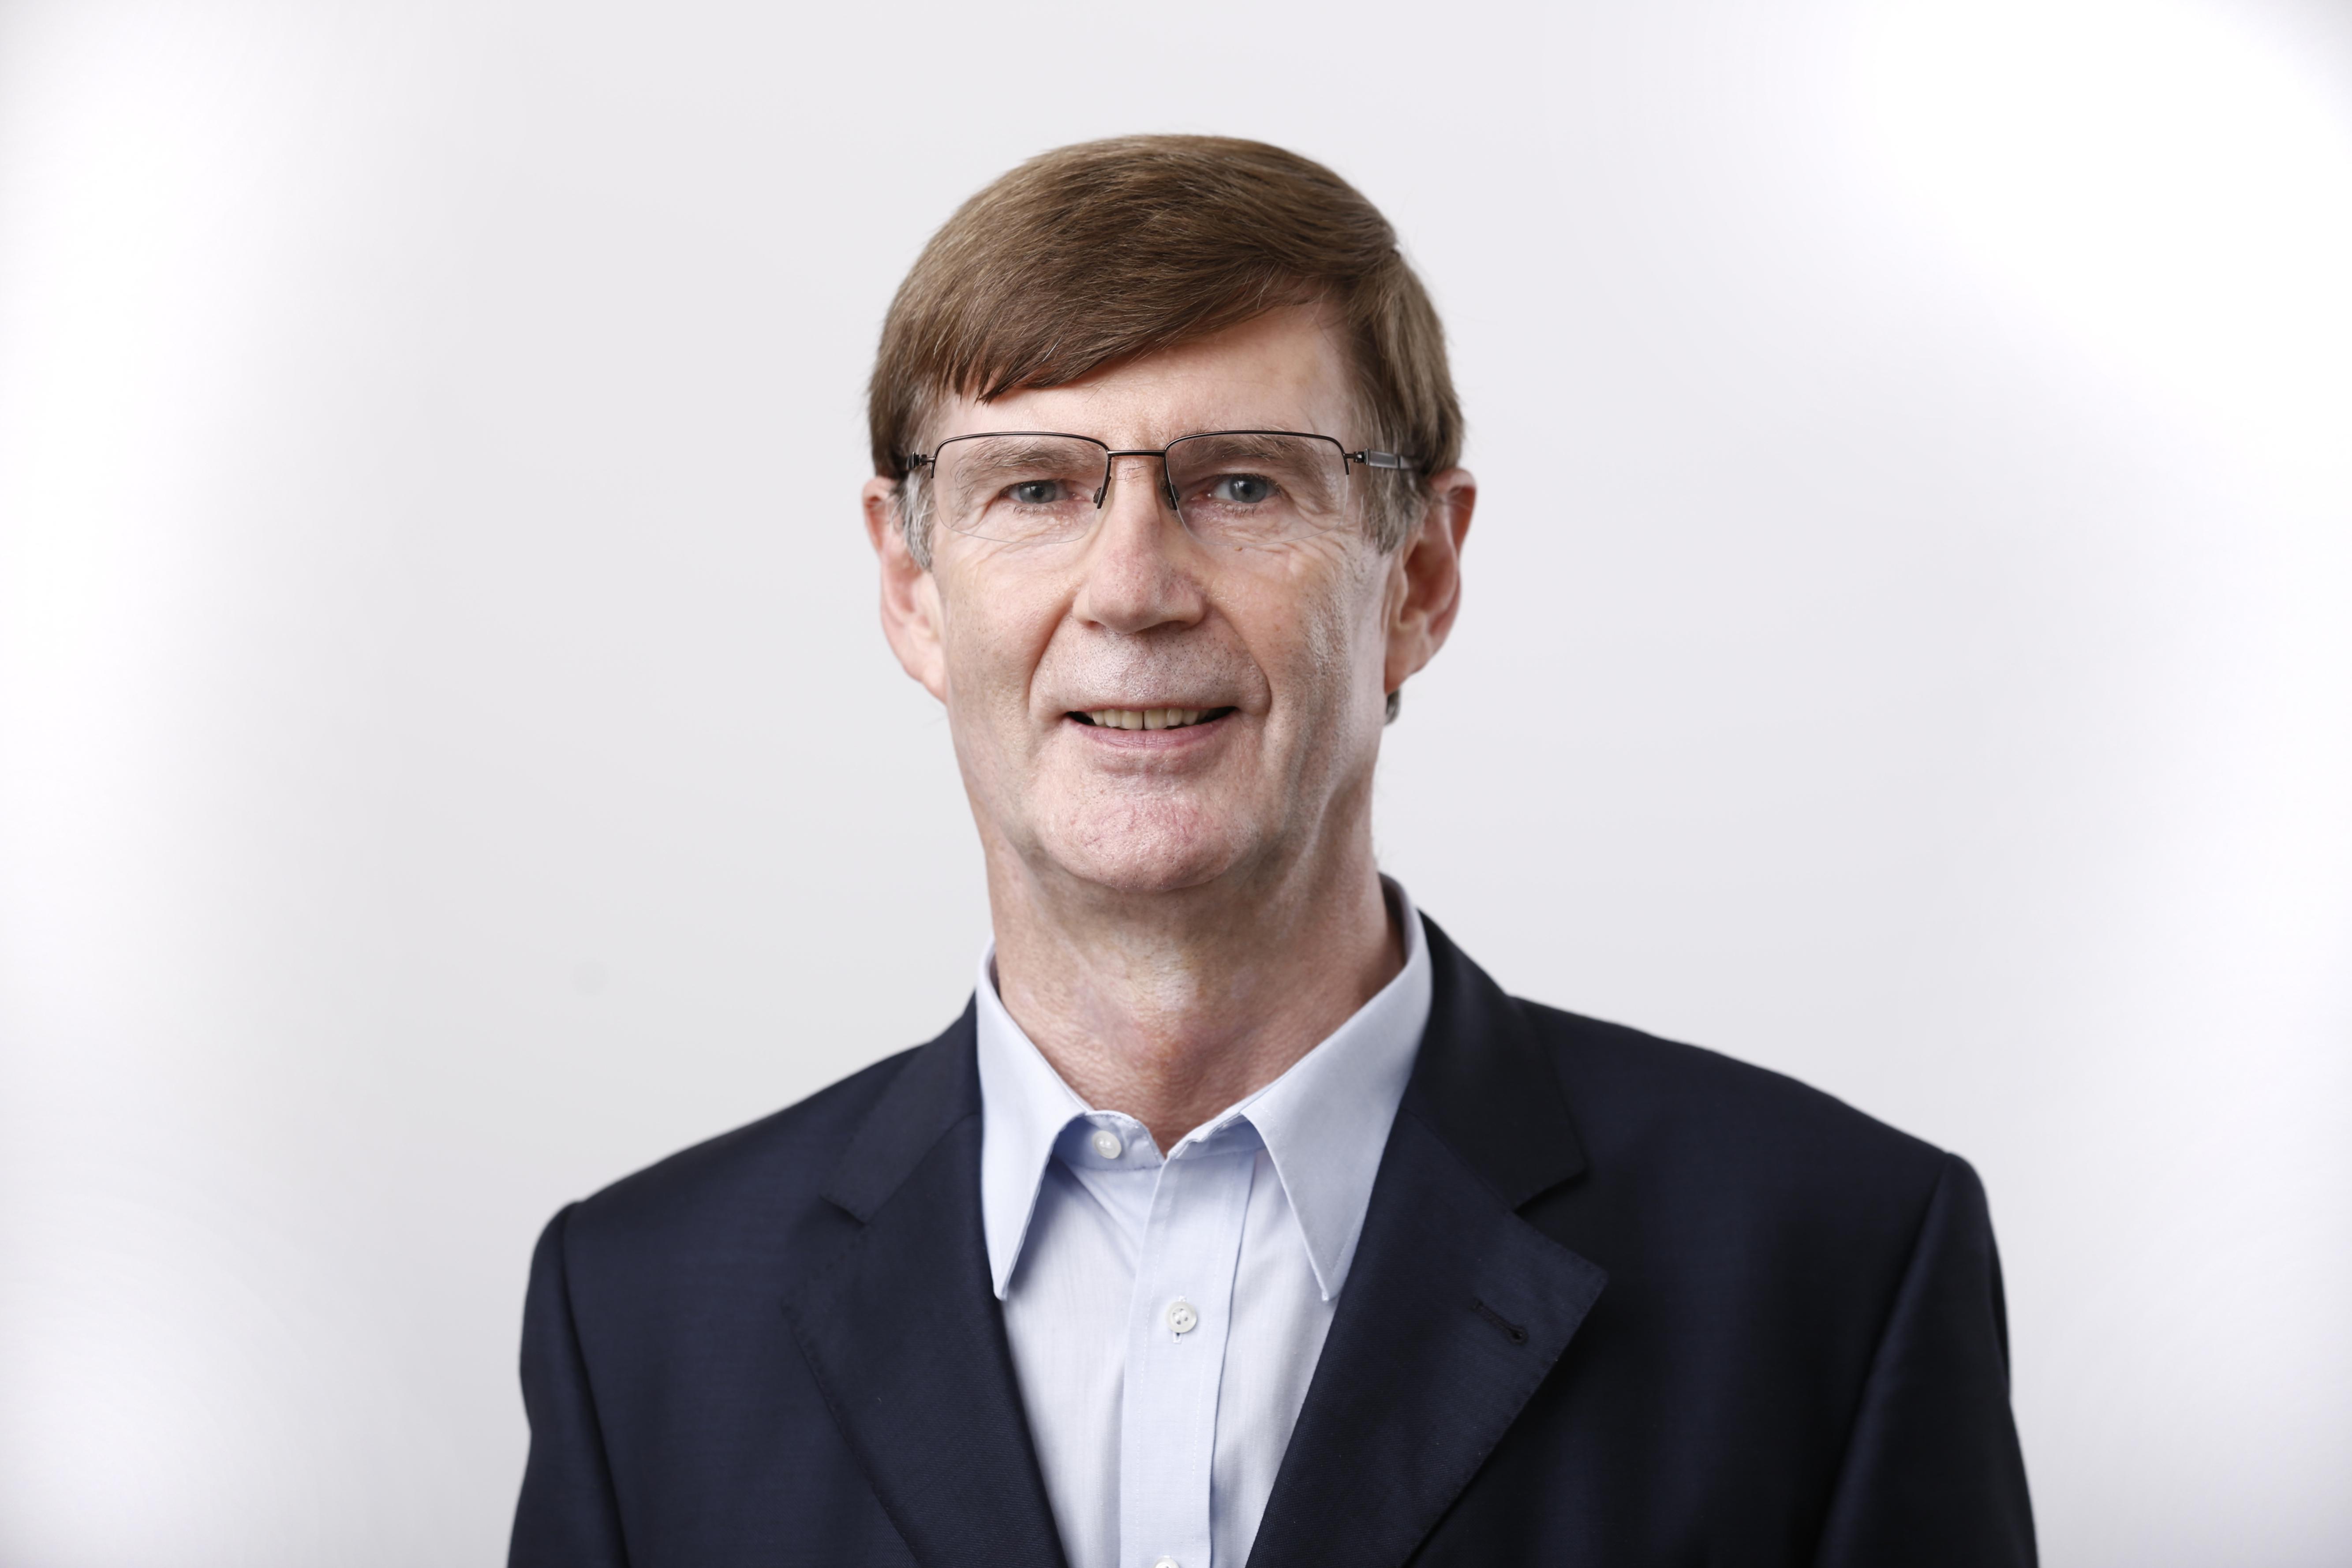 Finanzexperte Max Herbst (67) aus Frankfurt. Der Infobroker für Zinsinformationen startete seine unabhängige Finanzberatung Beratung FMH 1986 mit Focus auf Baufinanzierung.